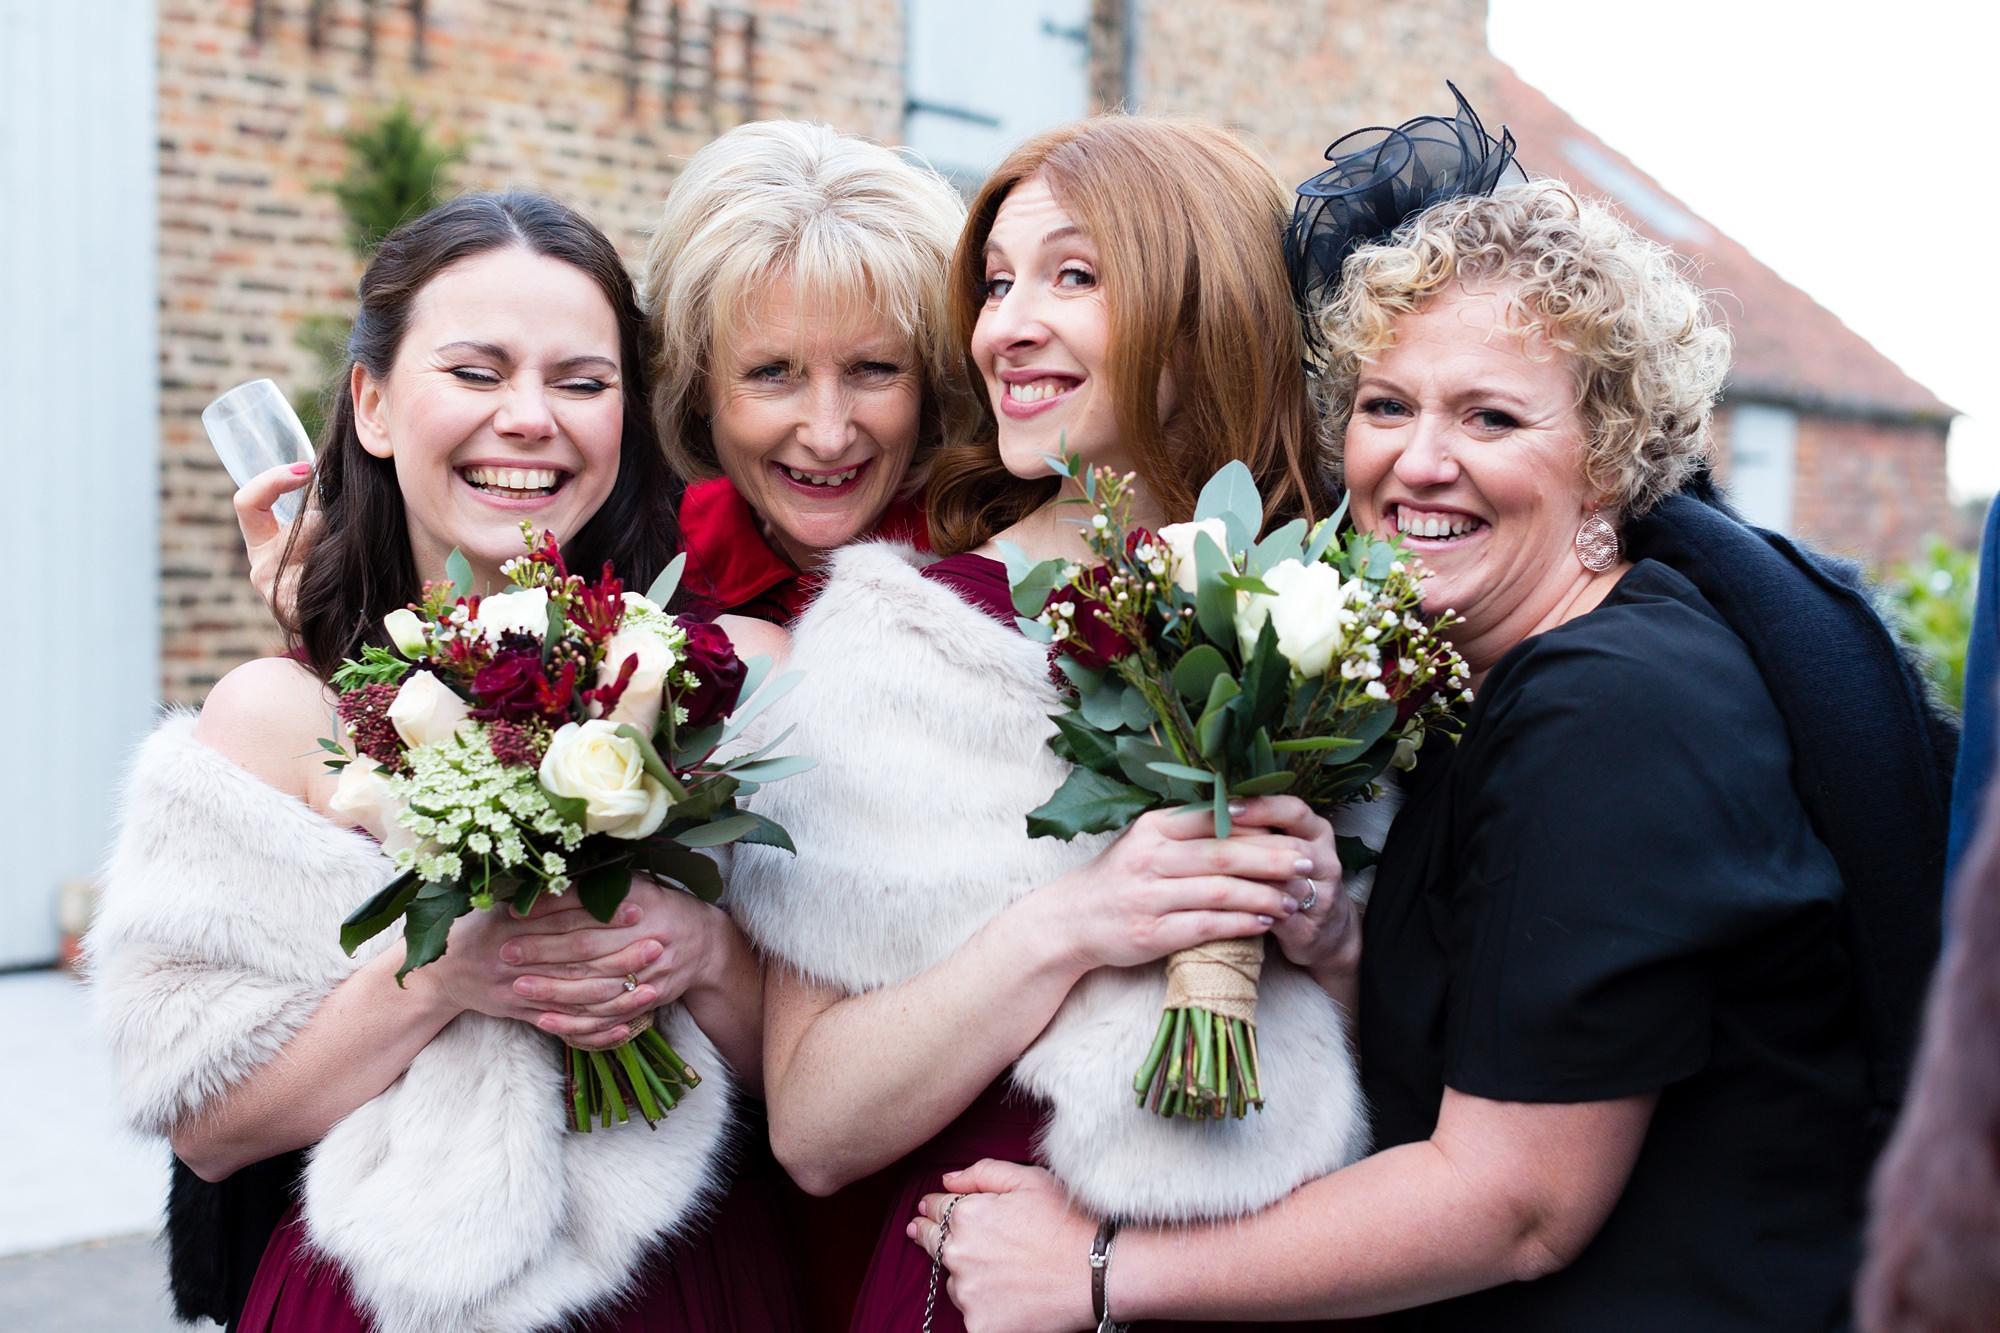 Wedding guests smile and hug at York wedding